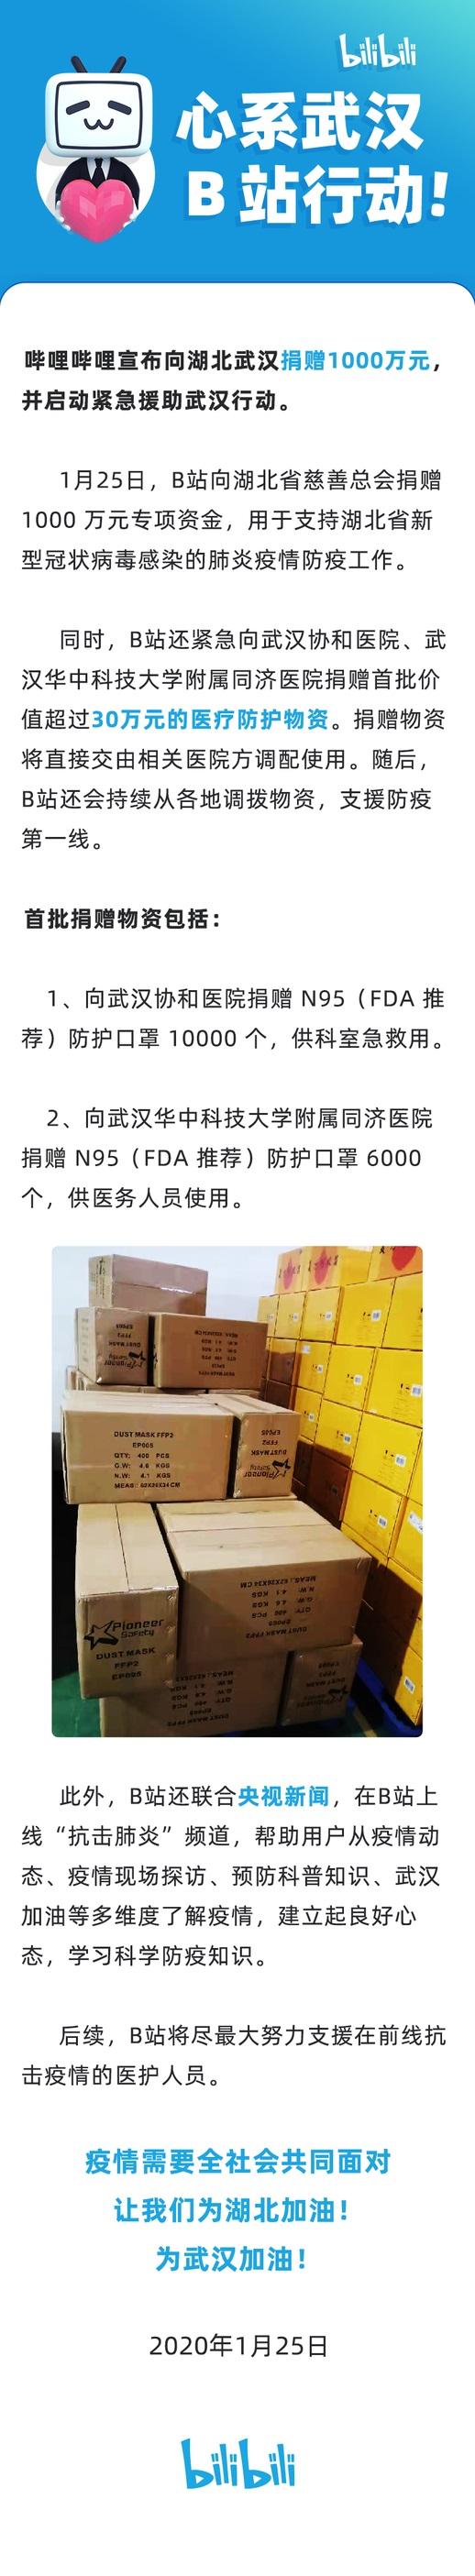 B站向武汉捐赠1000万元专项资金,并启动紧急援助武汉行动